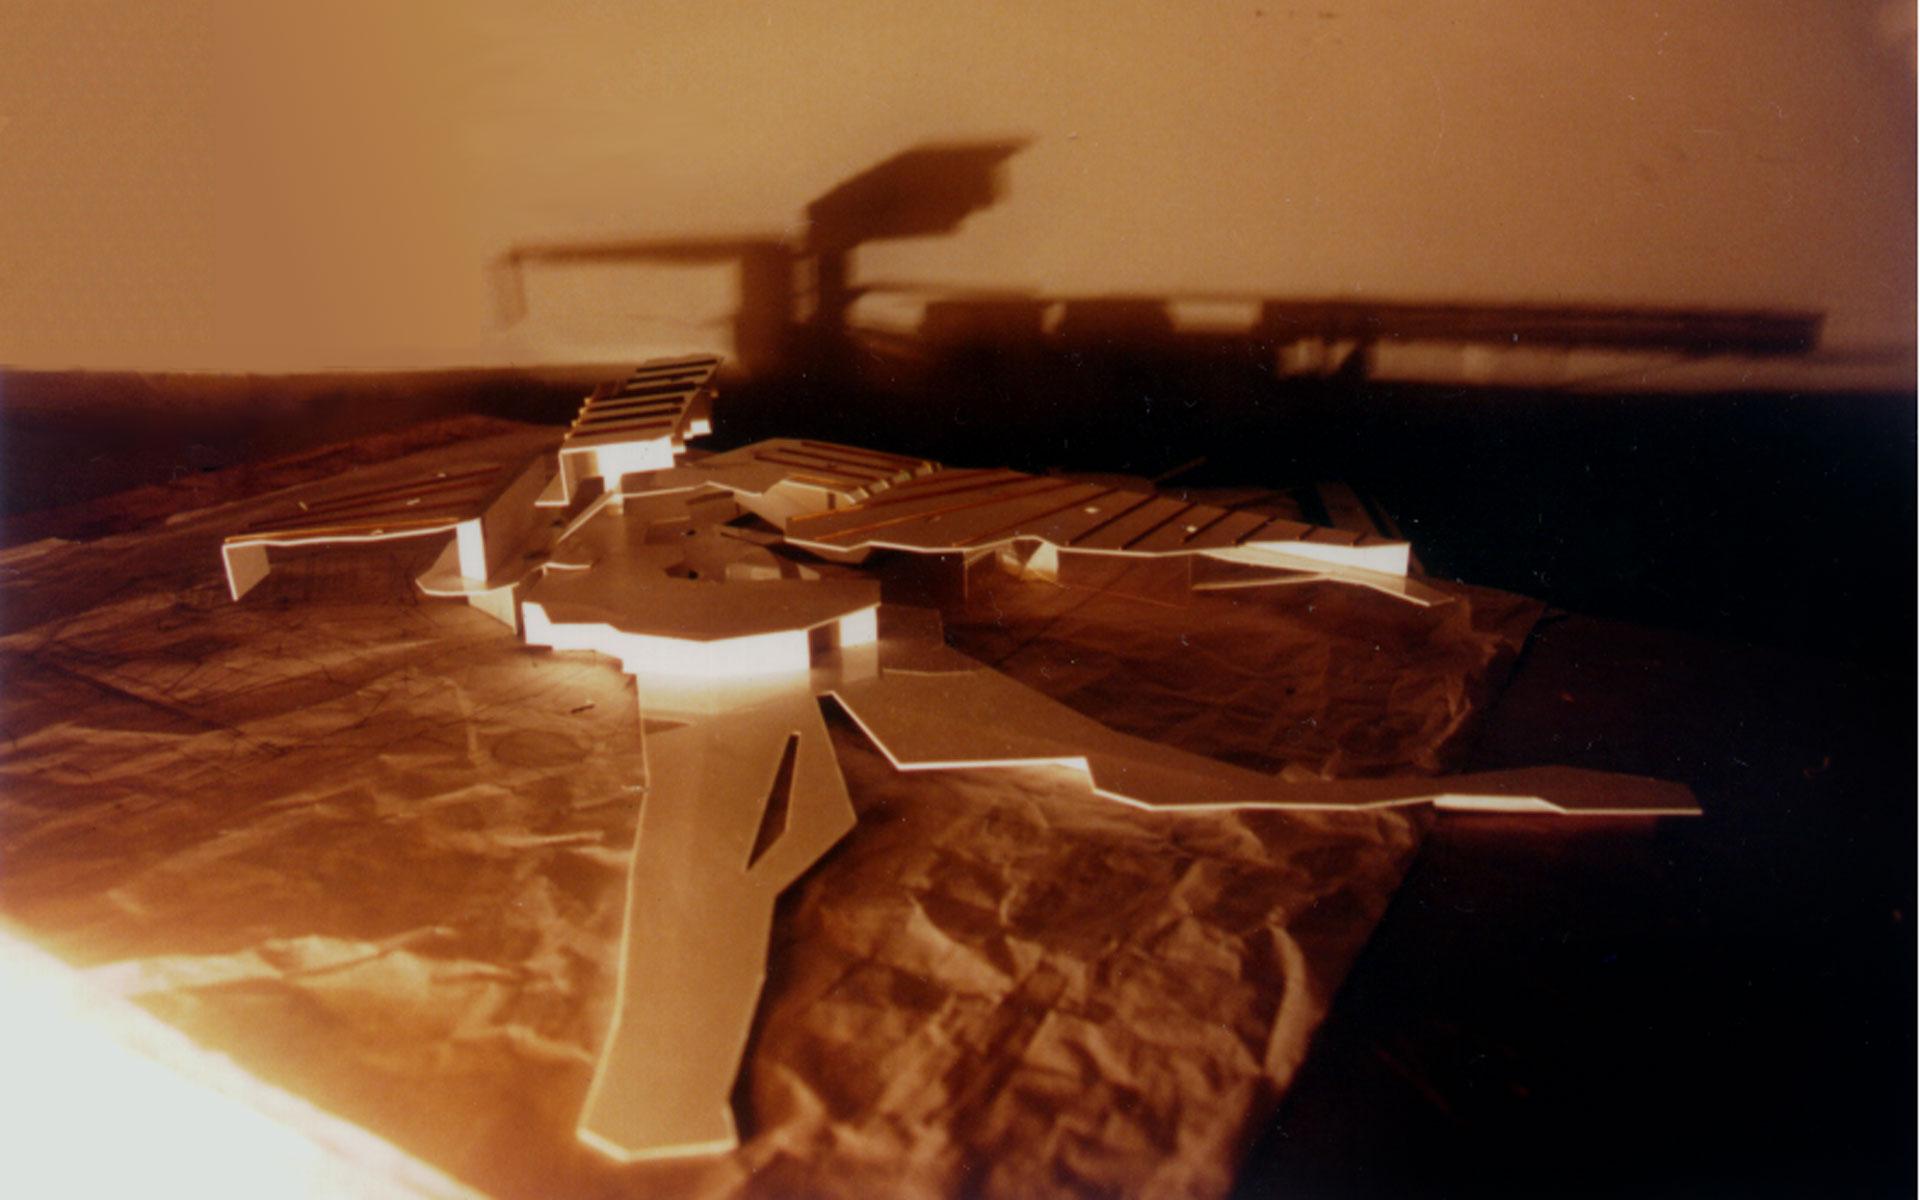 Arquitectura, maqueta, concurso Fundación Mies van der Rohe, detalle maqueta en blanco y sombras